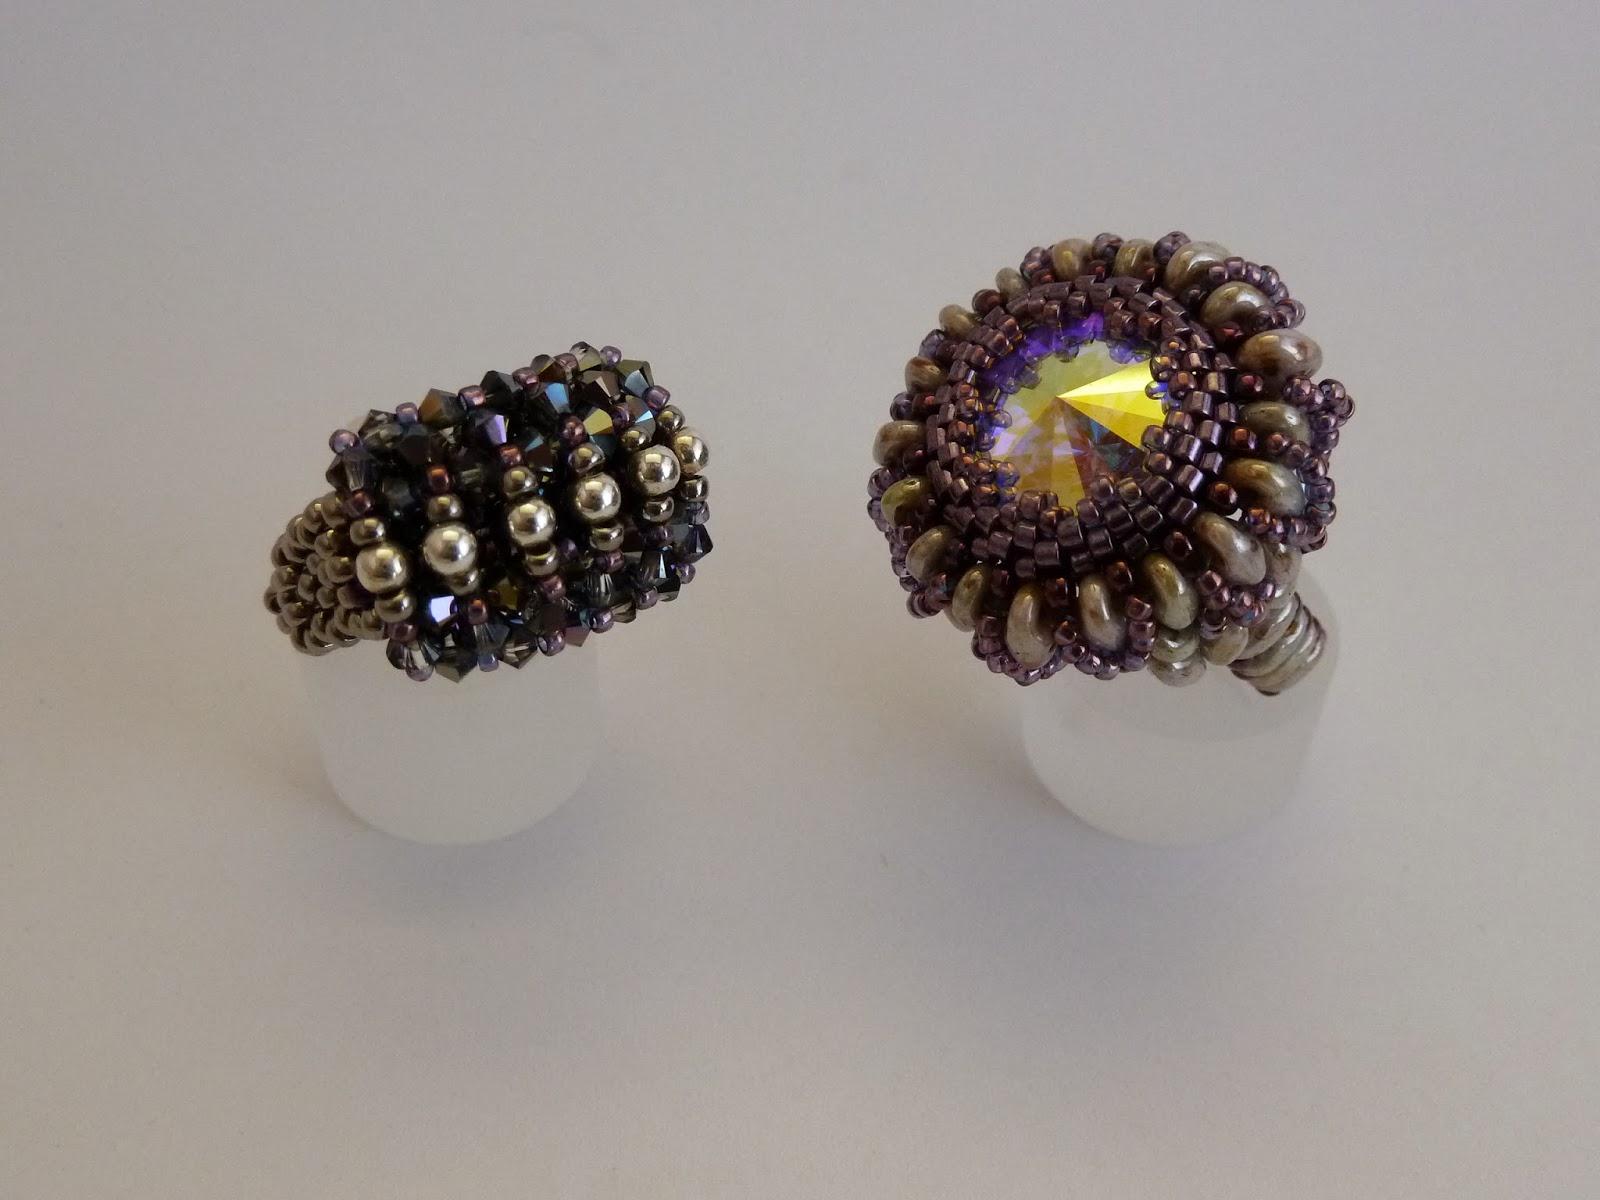 Anillos de diamantes para mujeres Alianzas Blue Nile - imagenes de par de anillos